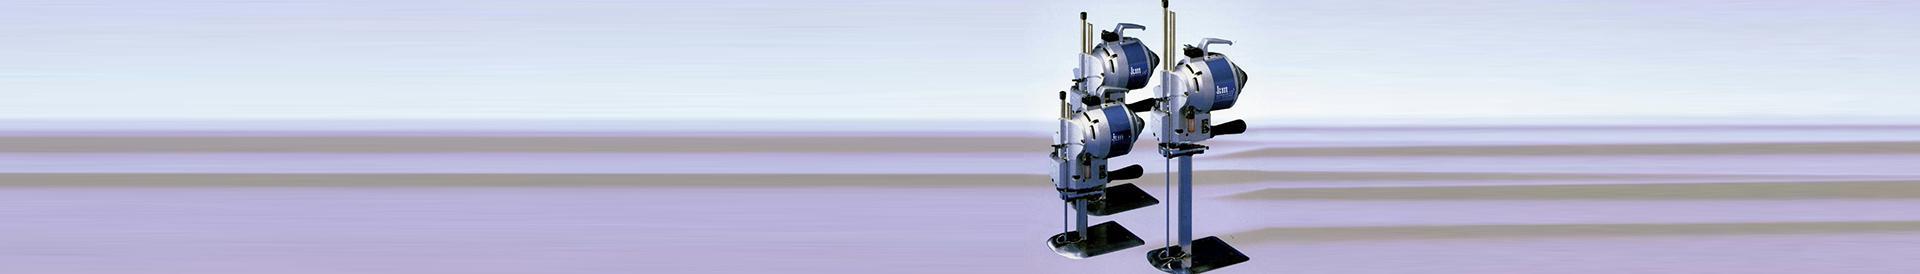 Maszyna krojowni na fioletowo-błękitnym tle